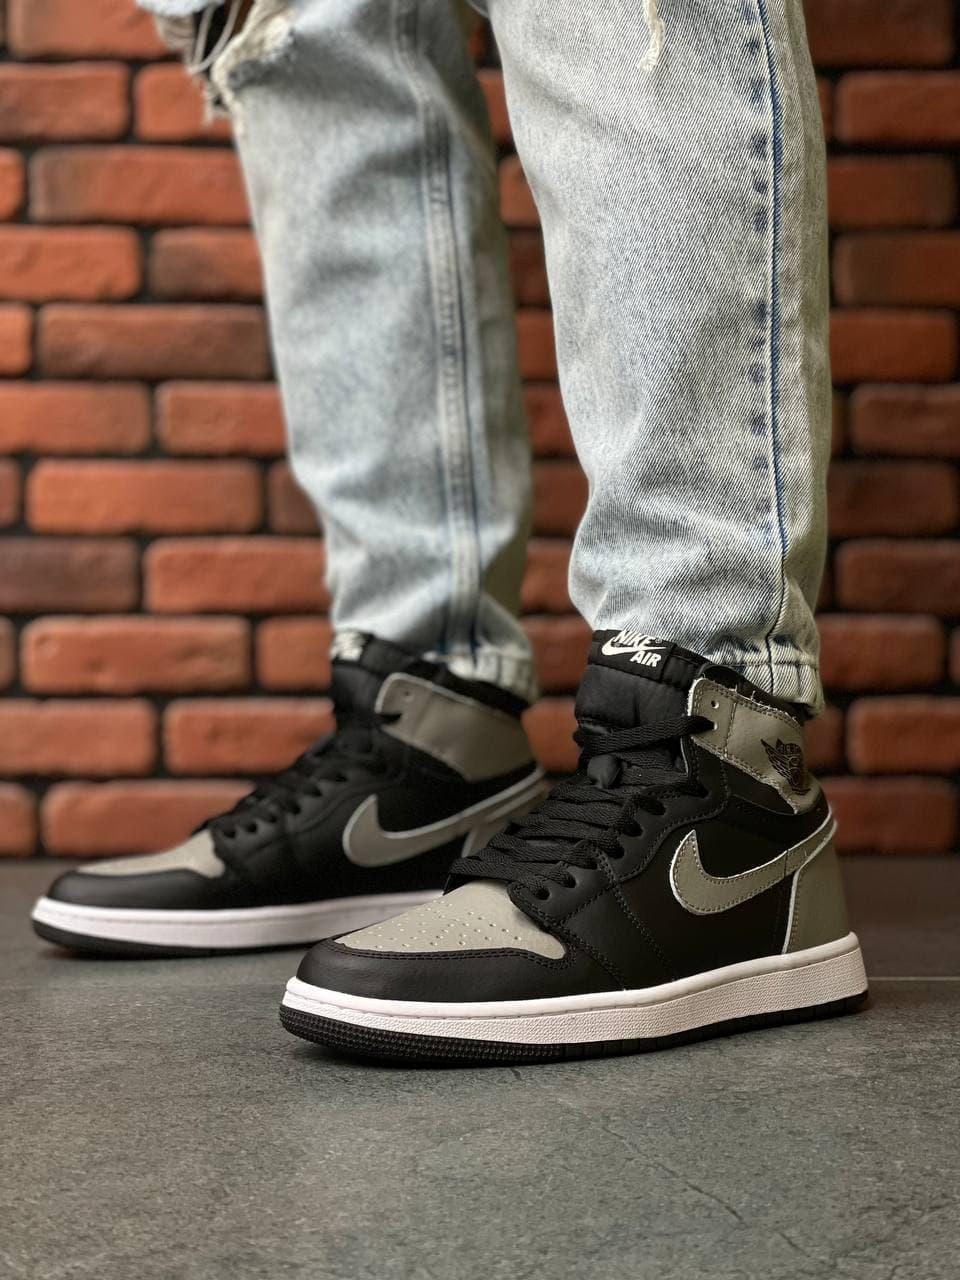 Чоловічі кросівки Nike Air Jordan High S Black/D. Gray (чорні) А1269 модні високі кроси